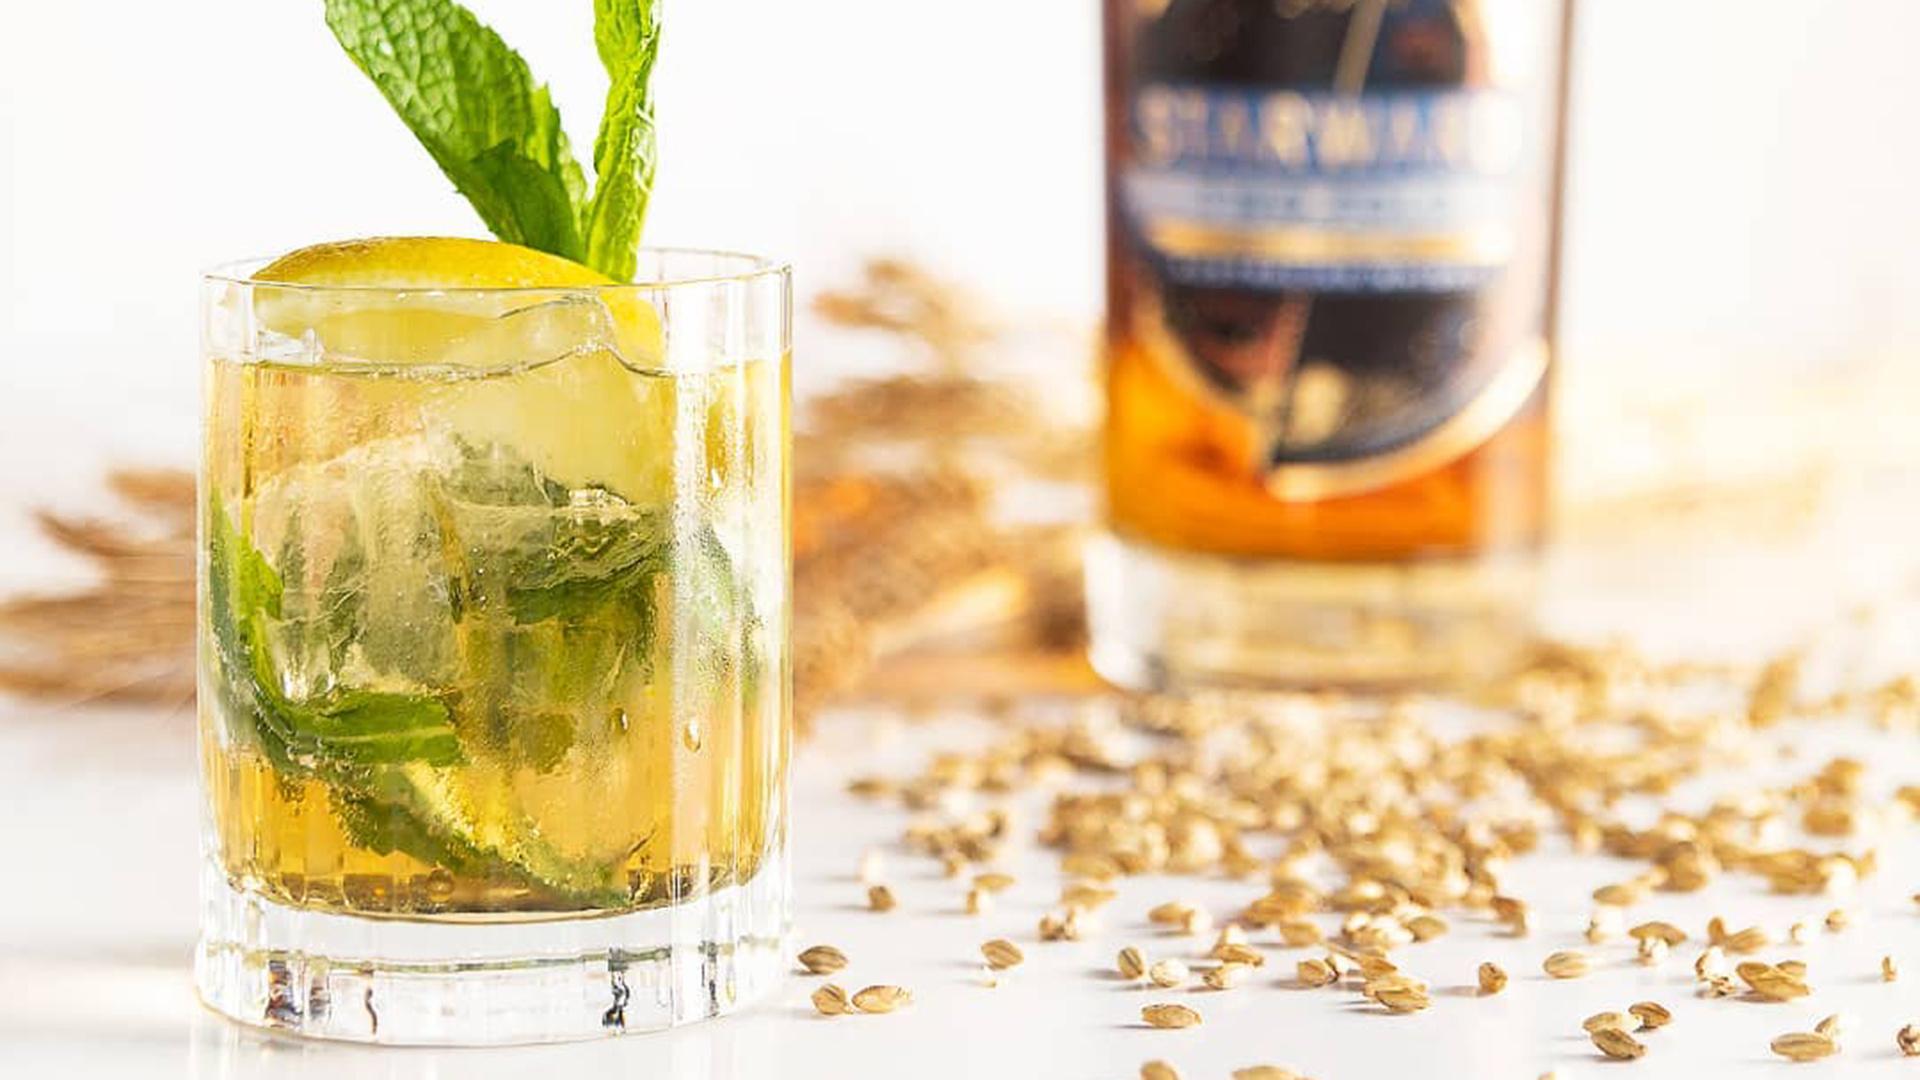 Make Starward Whisky's Orchard Spritz